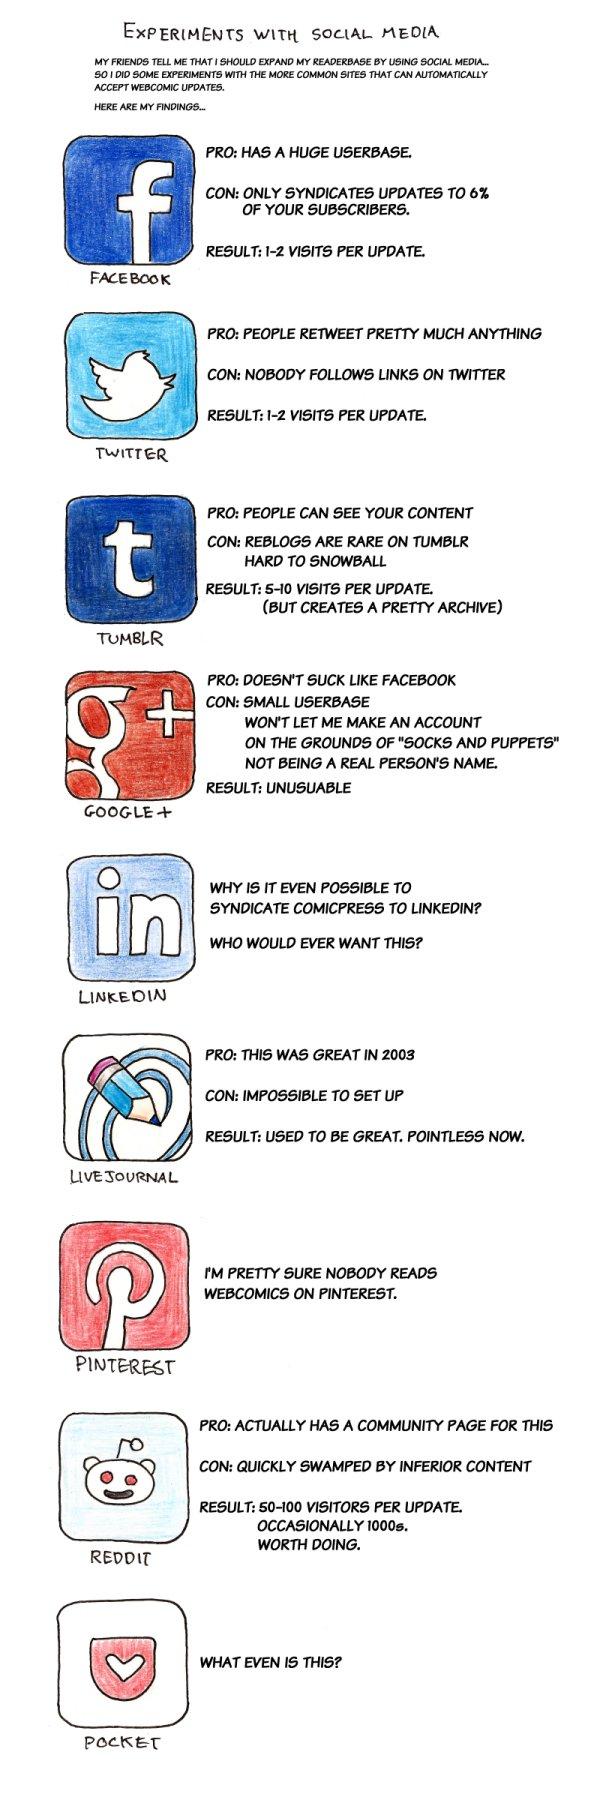 392 – Social Media